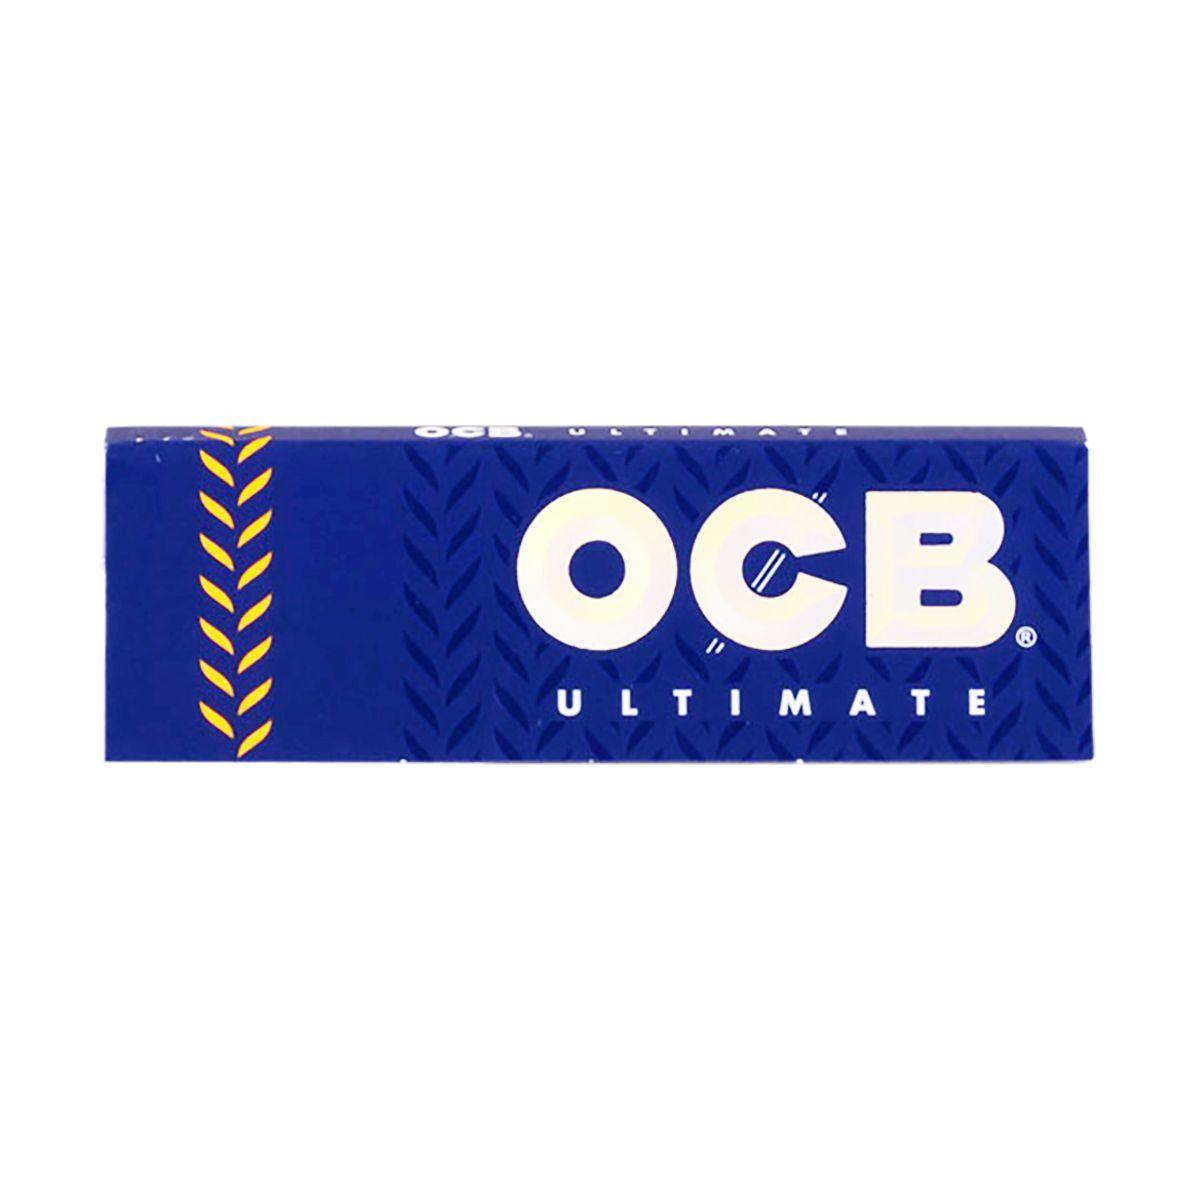 papel ocb ultimate 70mm venta